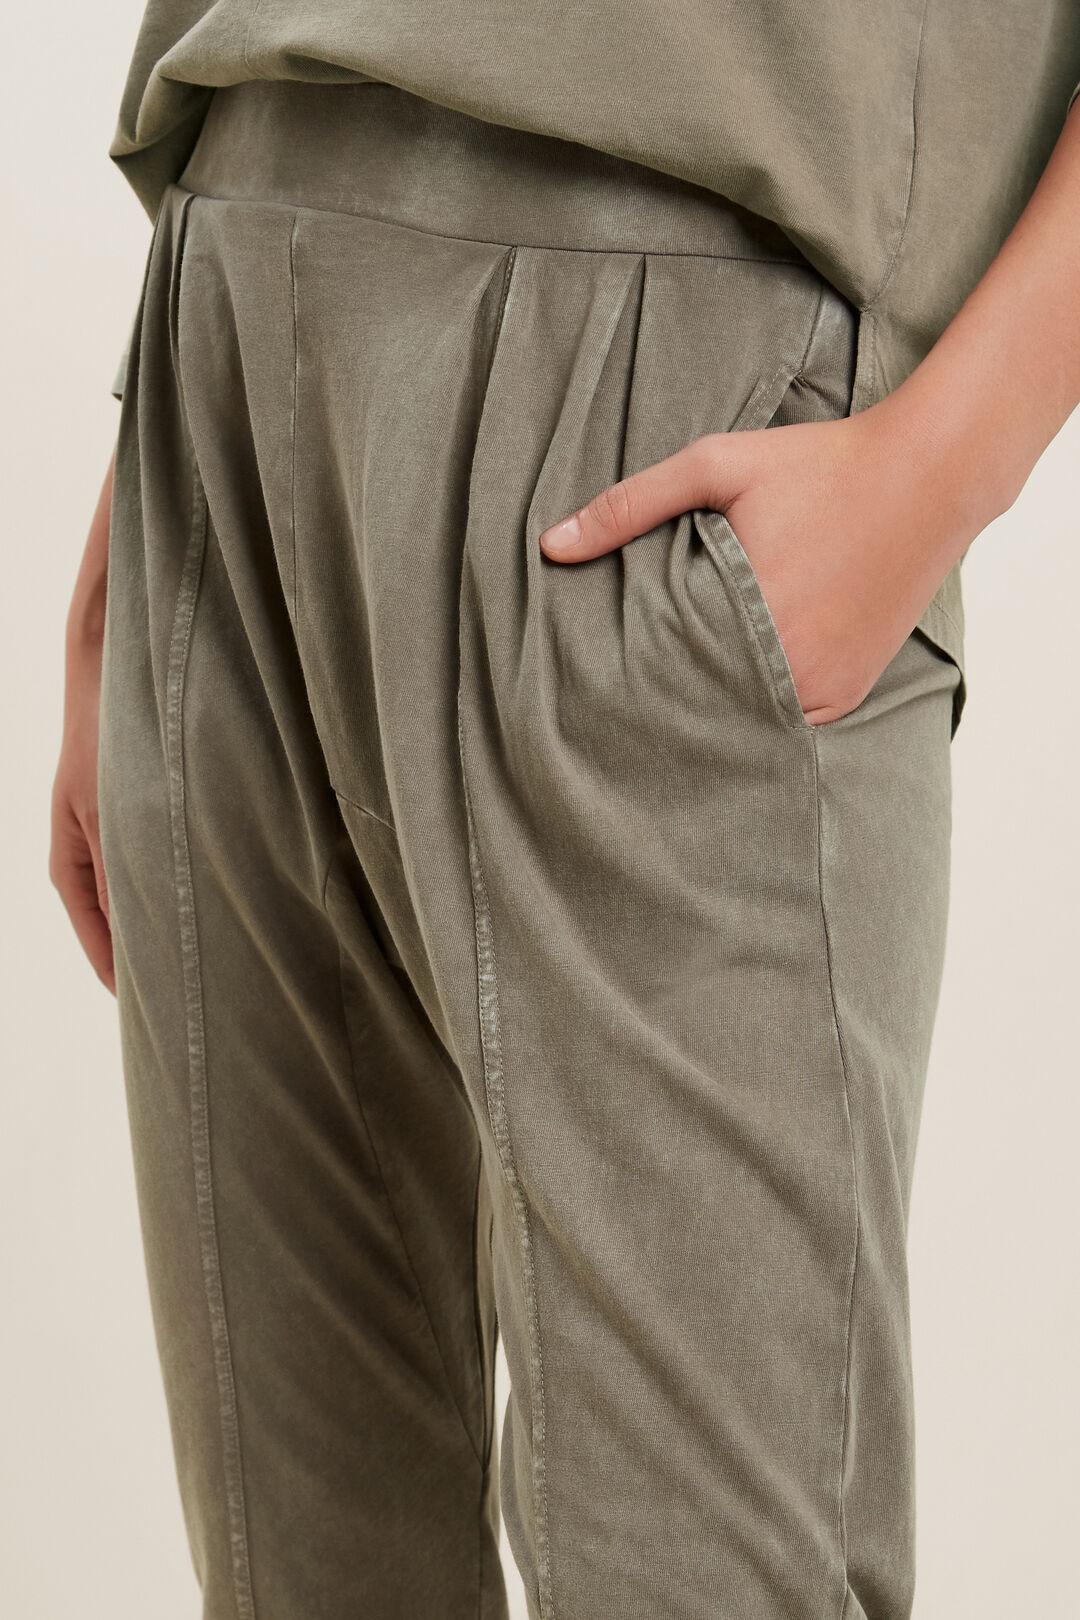 Vintage Wash Harem Pants  OLIVE VINTAGE WASH  hi-res